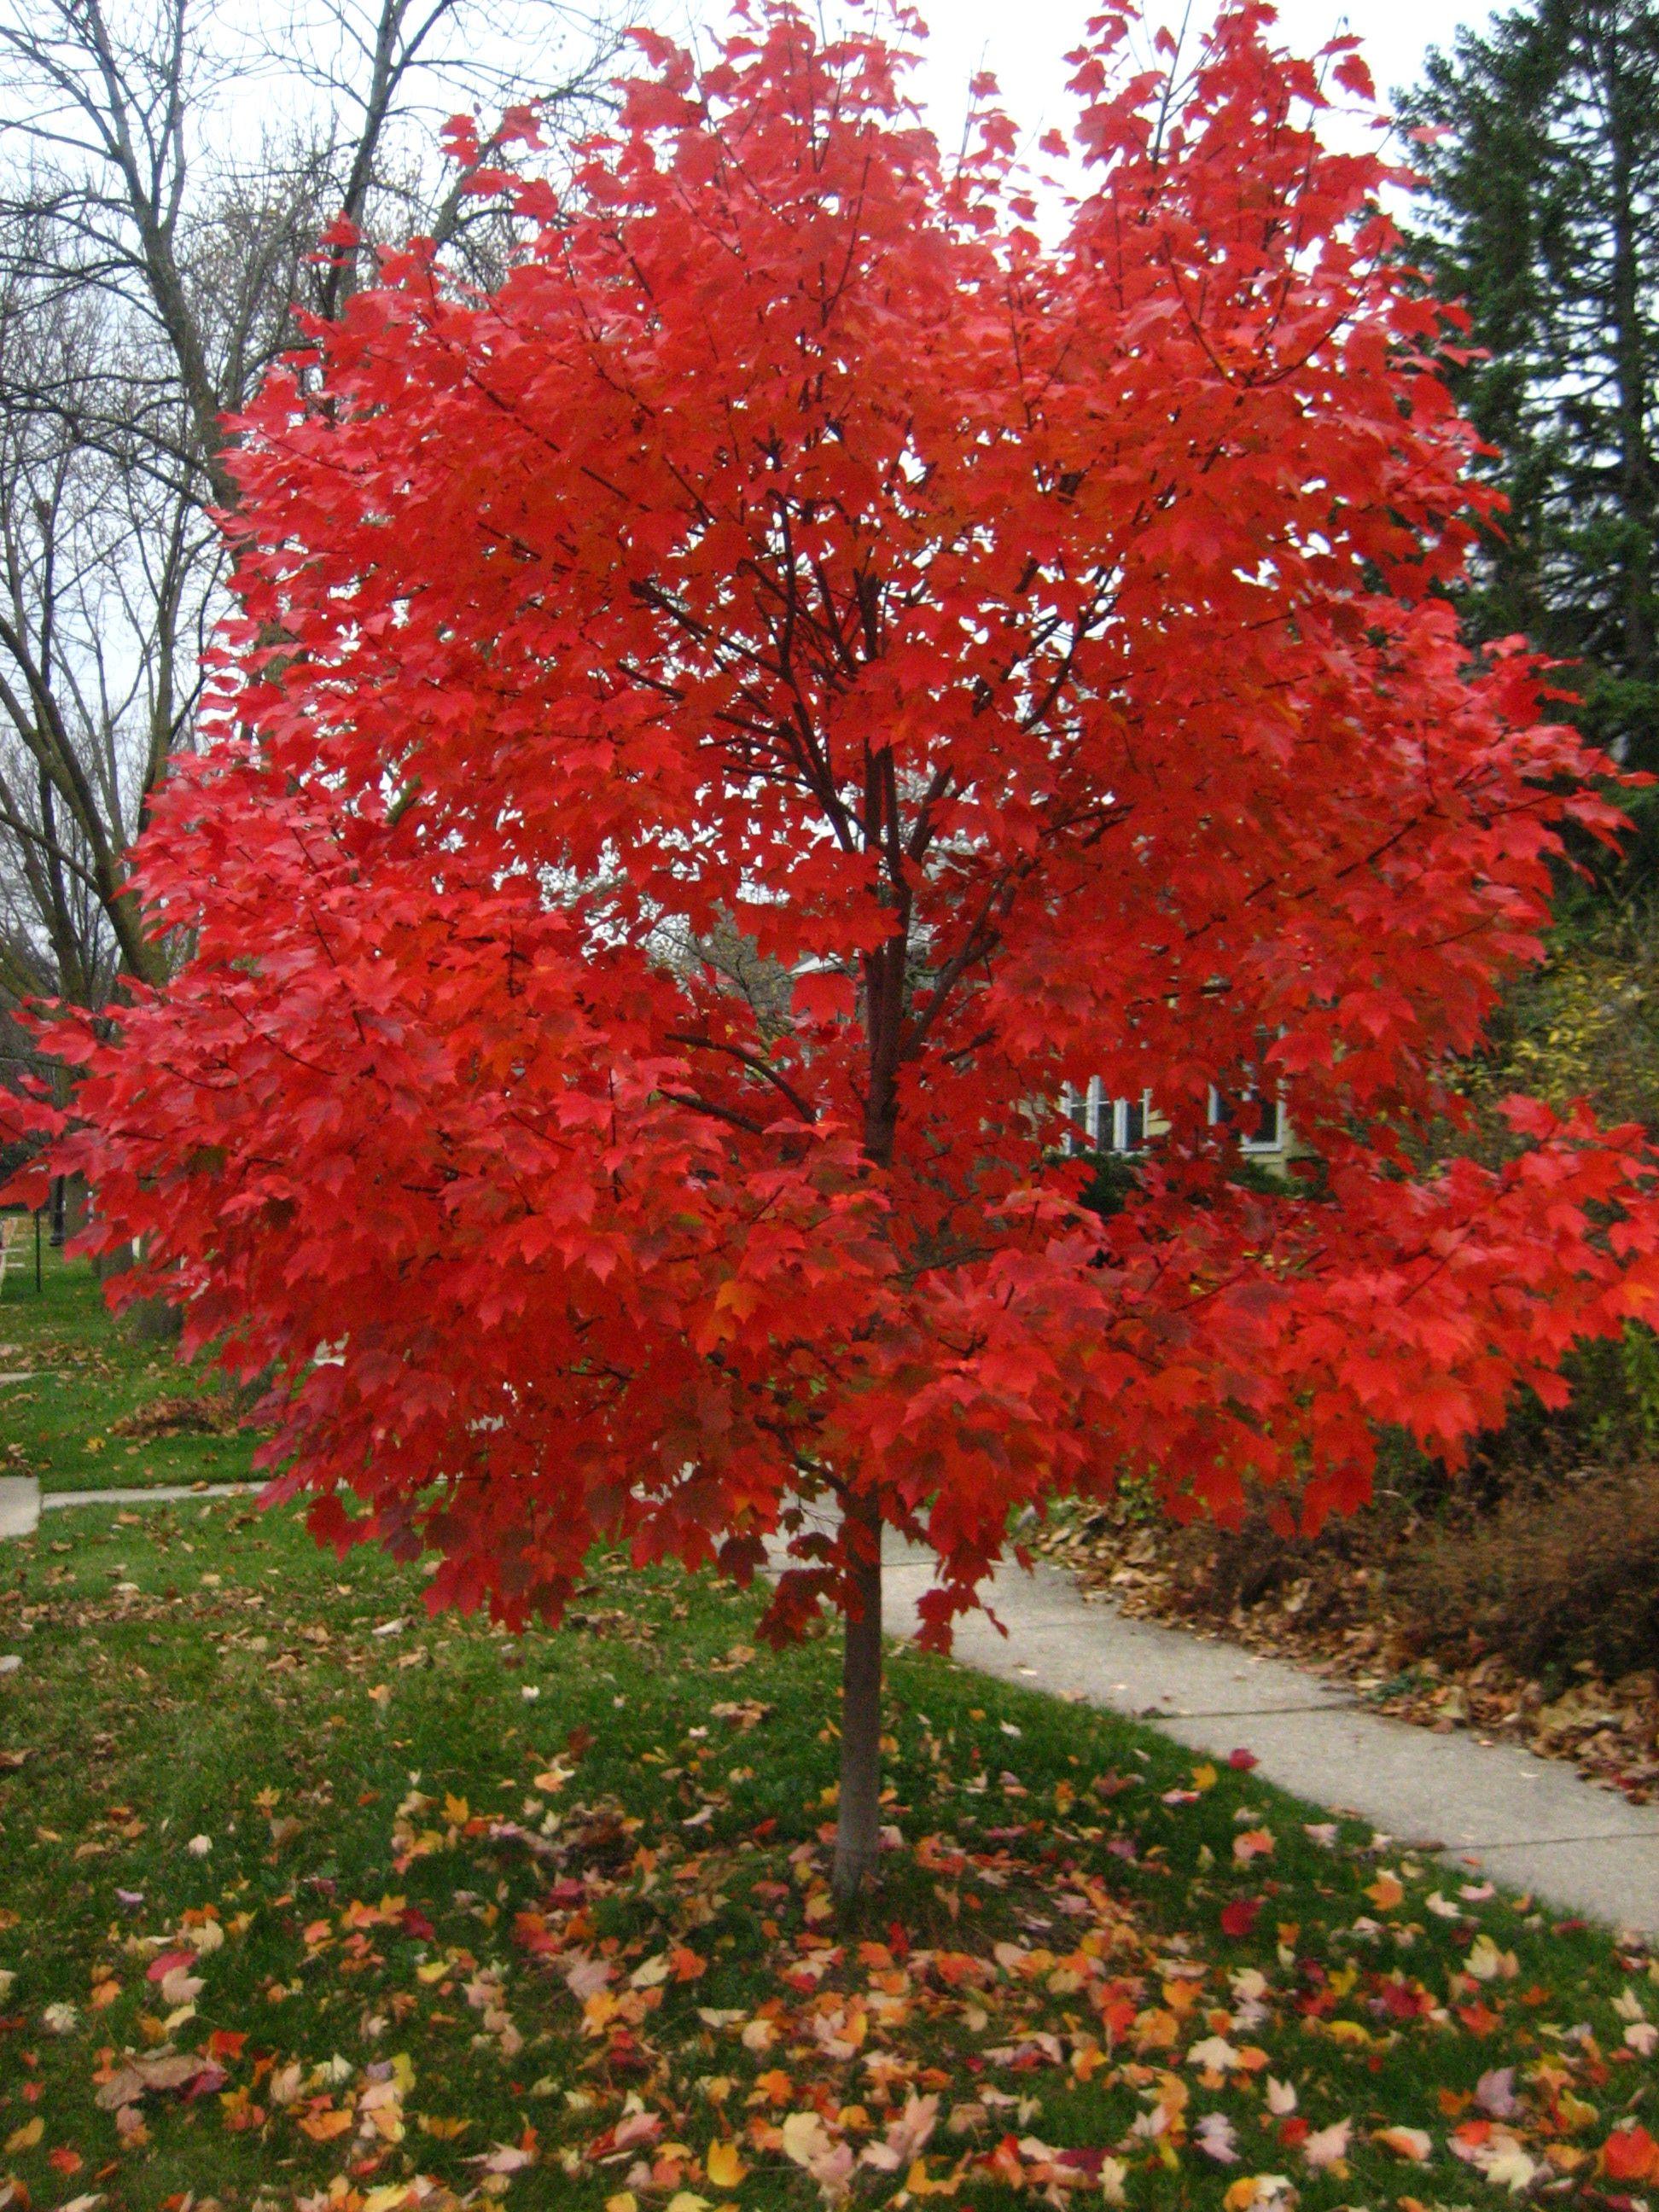 Autumn Blaze Maple Available At Fannin Tree Farm In